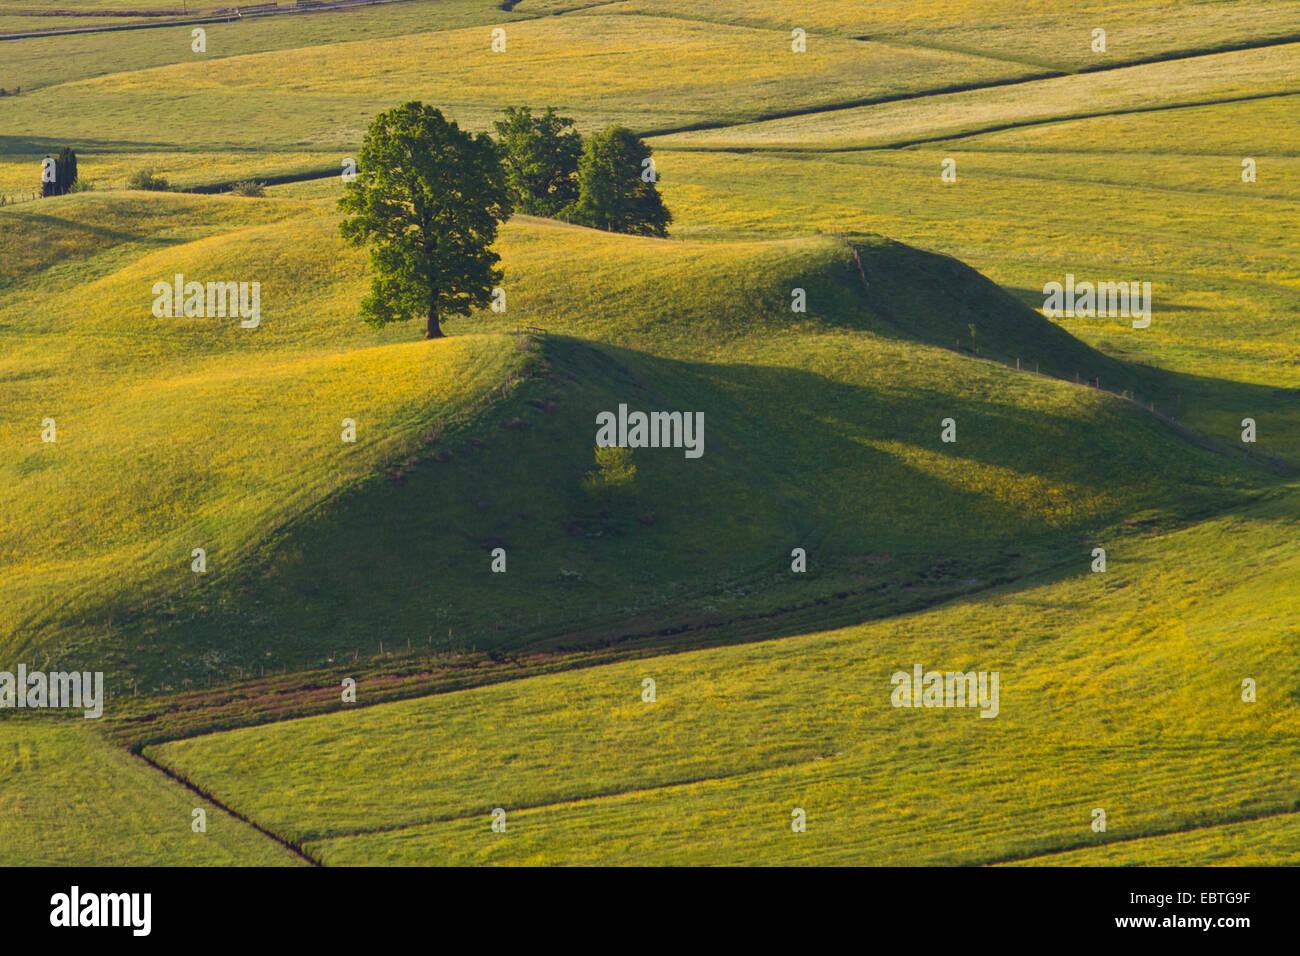 Wiesen und Hügel Landschaft am Murnauer Moos, Deutschland, Bayern, Eschenlohe Stockbild